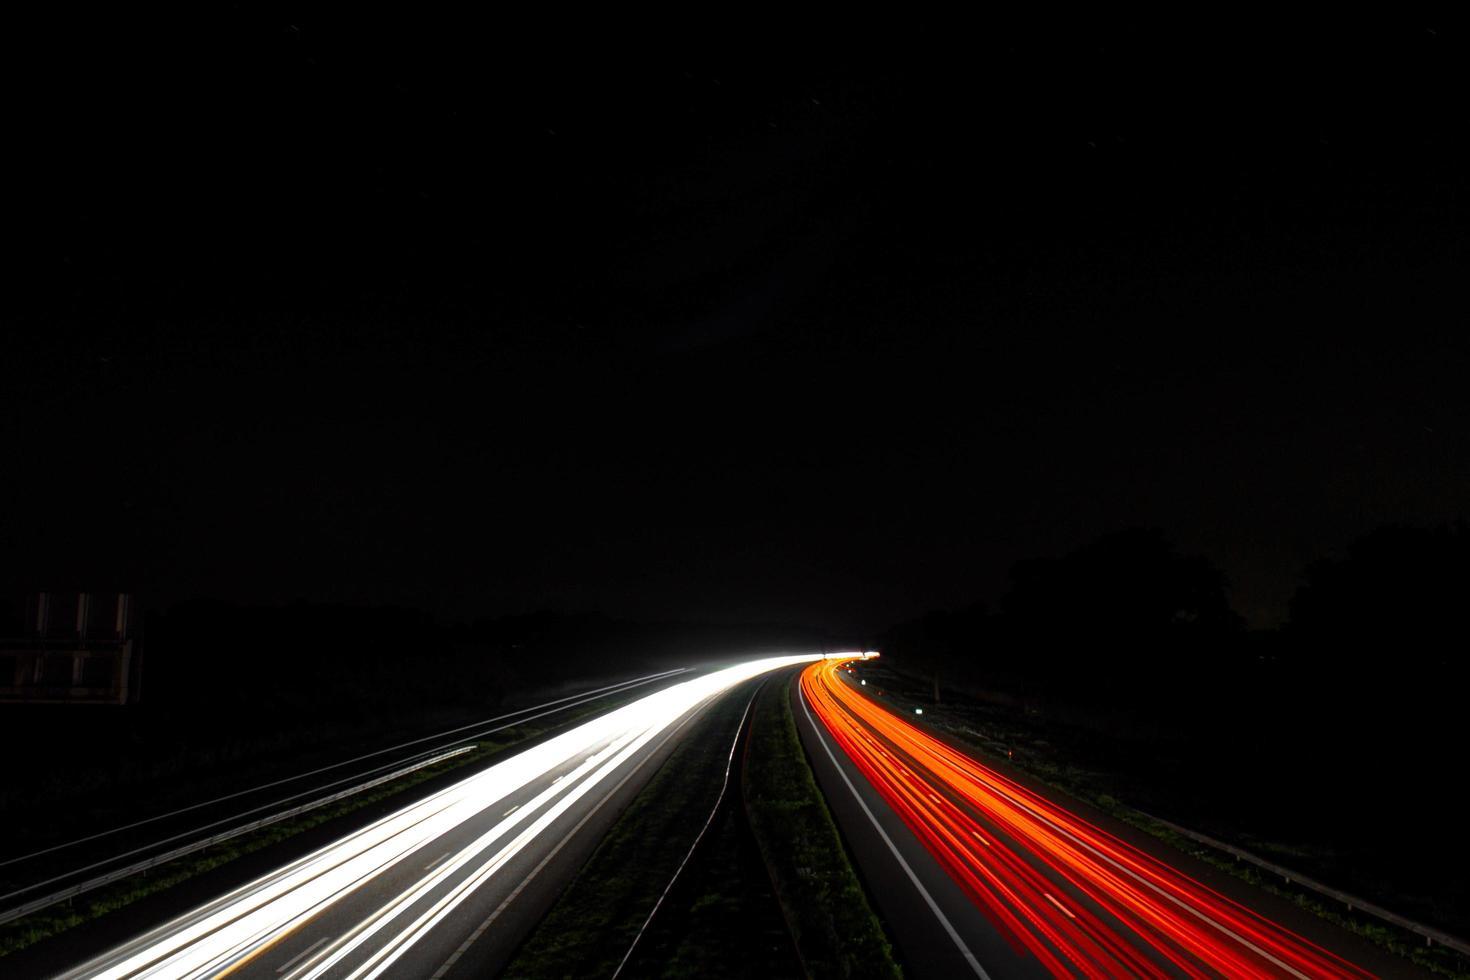 Zeitraffer der Autolichter auf der Straße in der Nacht foto